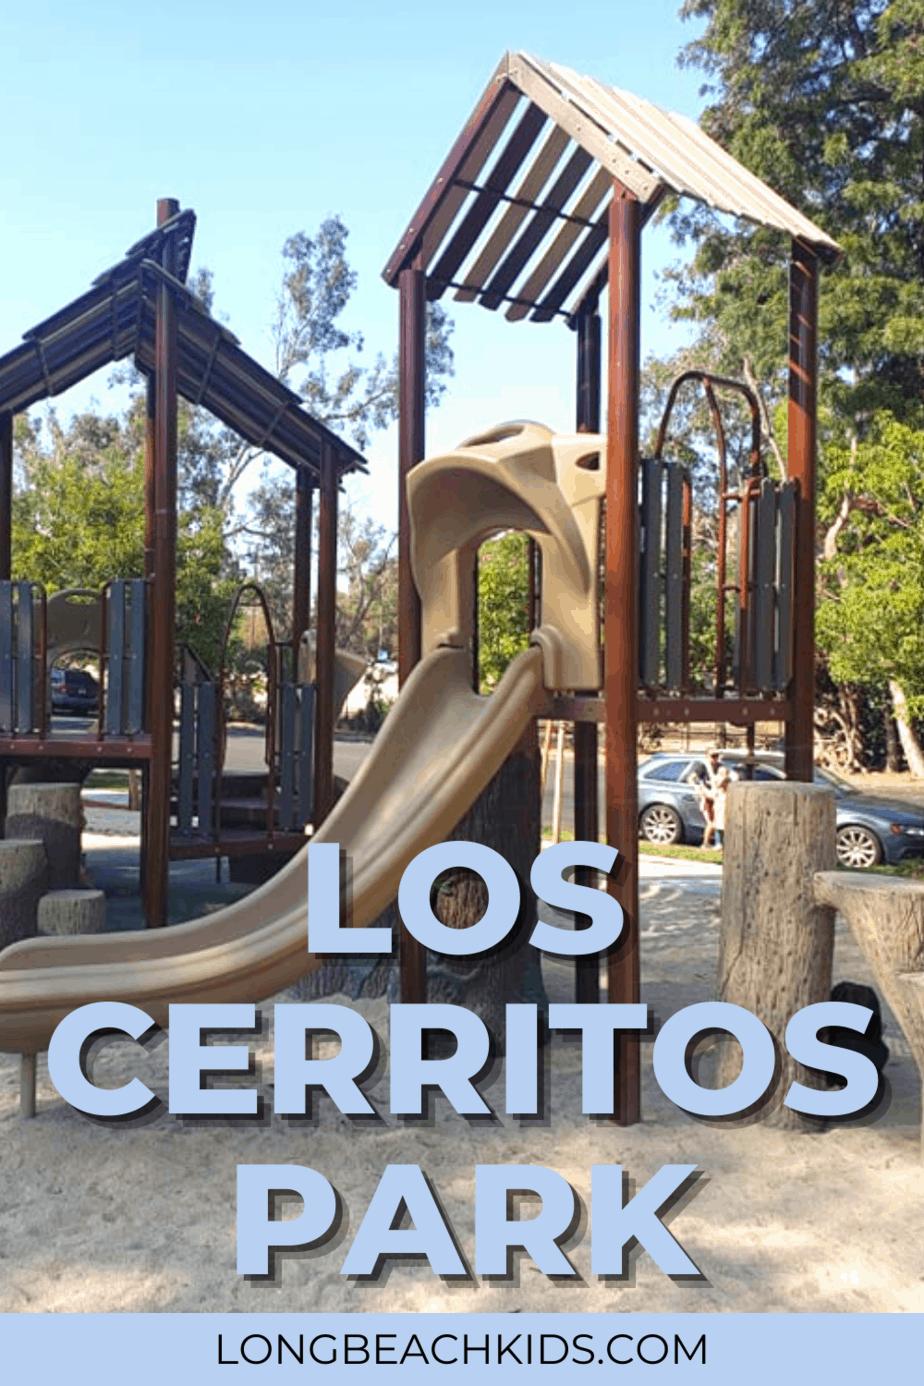 Los Cerritos Park in Long Beach